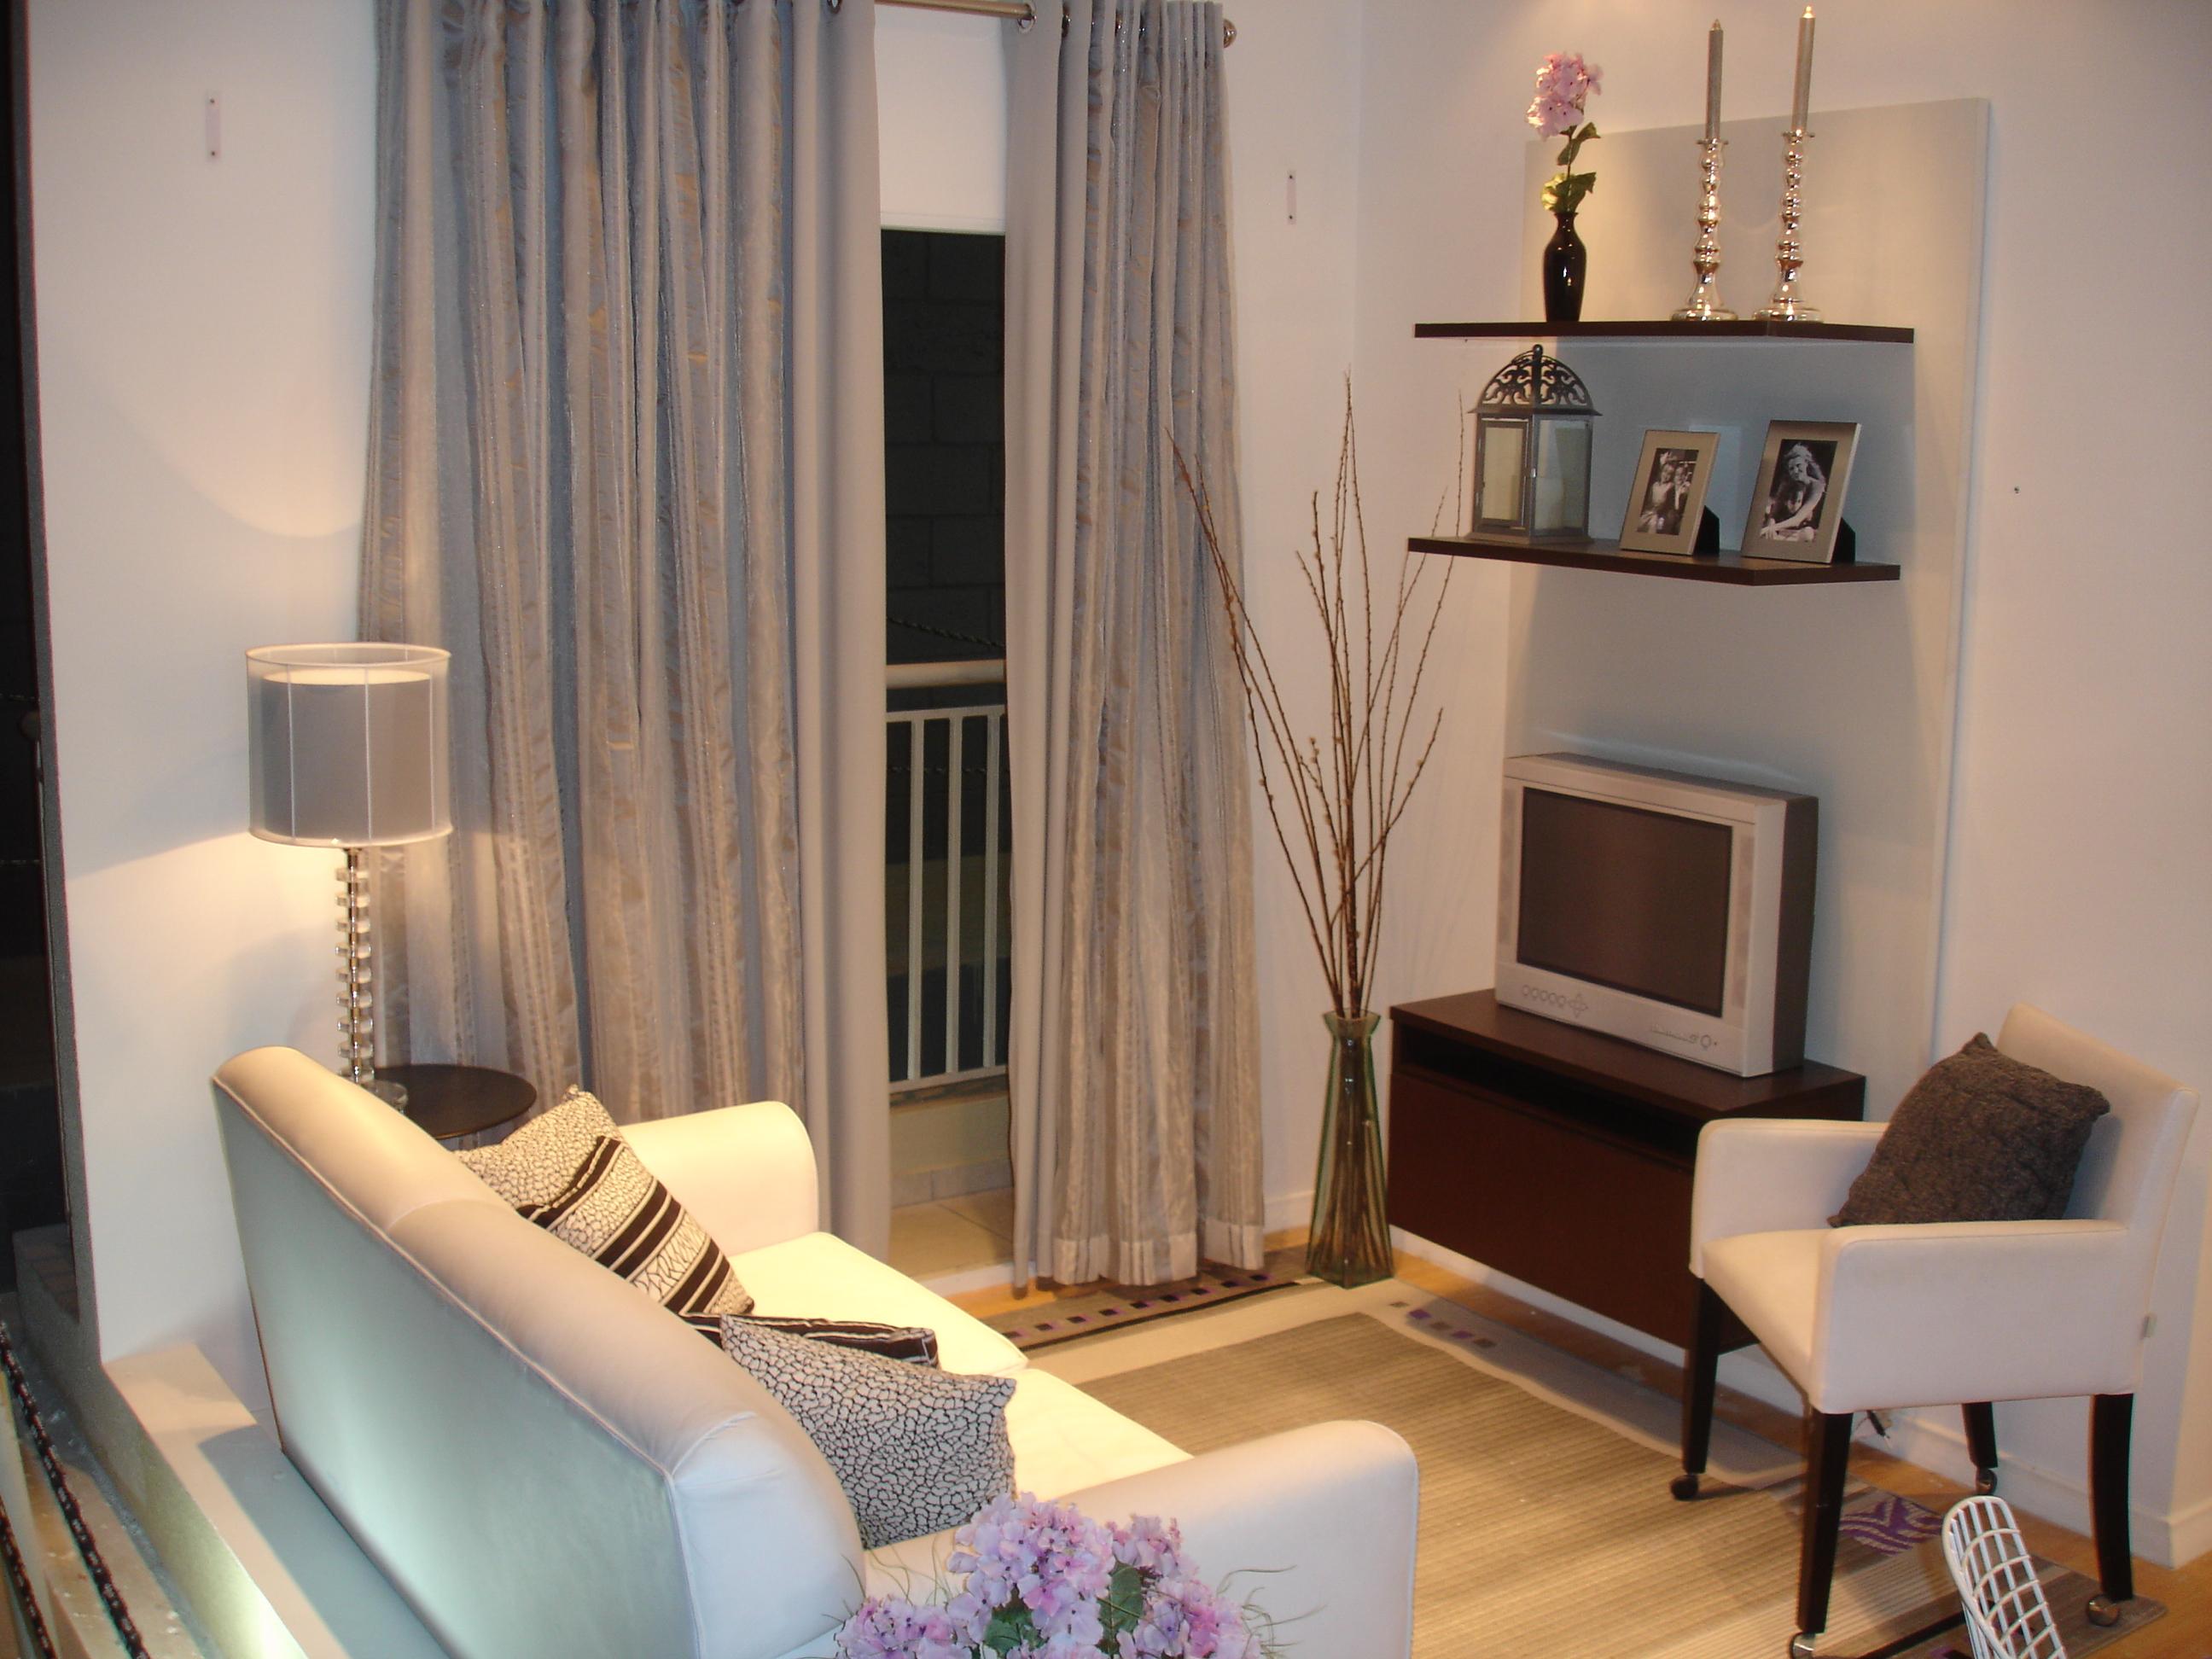 decoracao de interiores para ambientes pequenos : decoracao de interiores para ambientes pequenos:Dicas de Decoração para pequenos ambientes